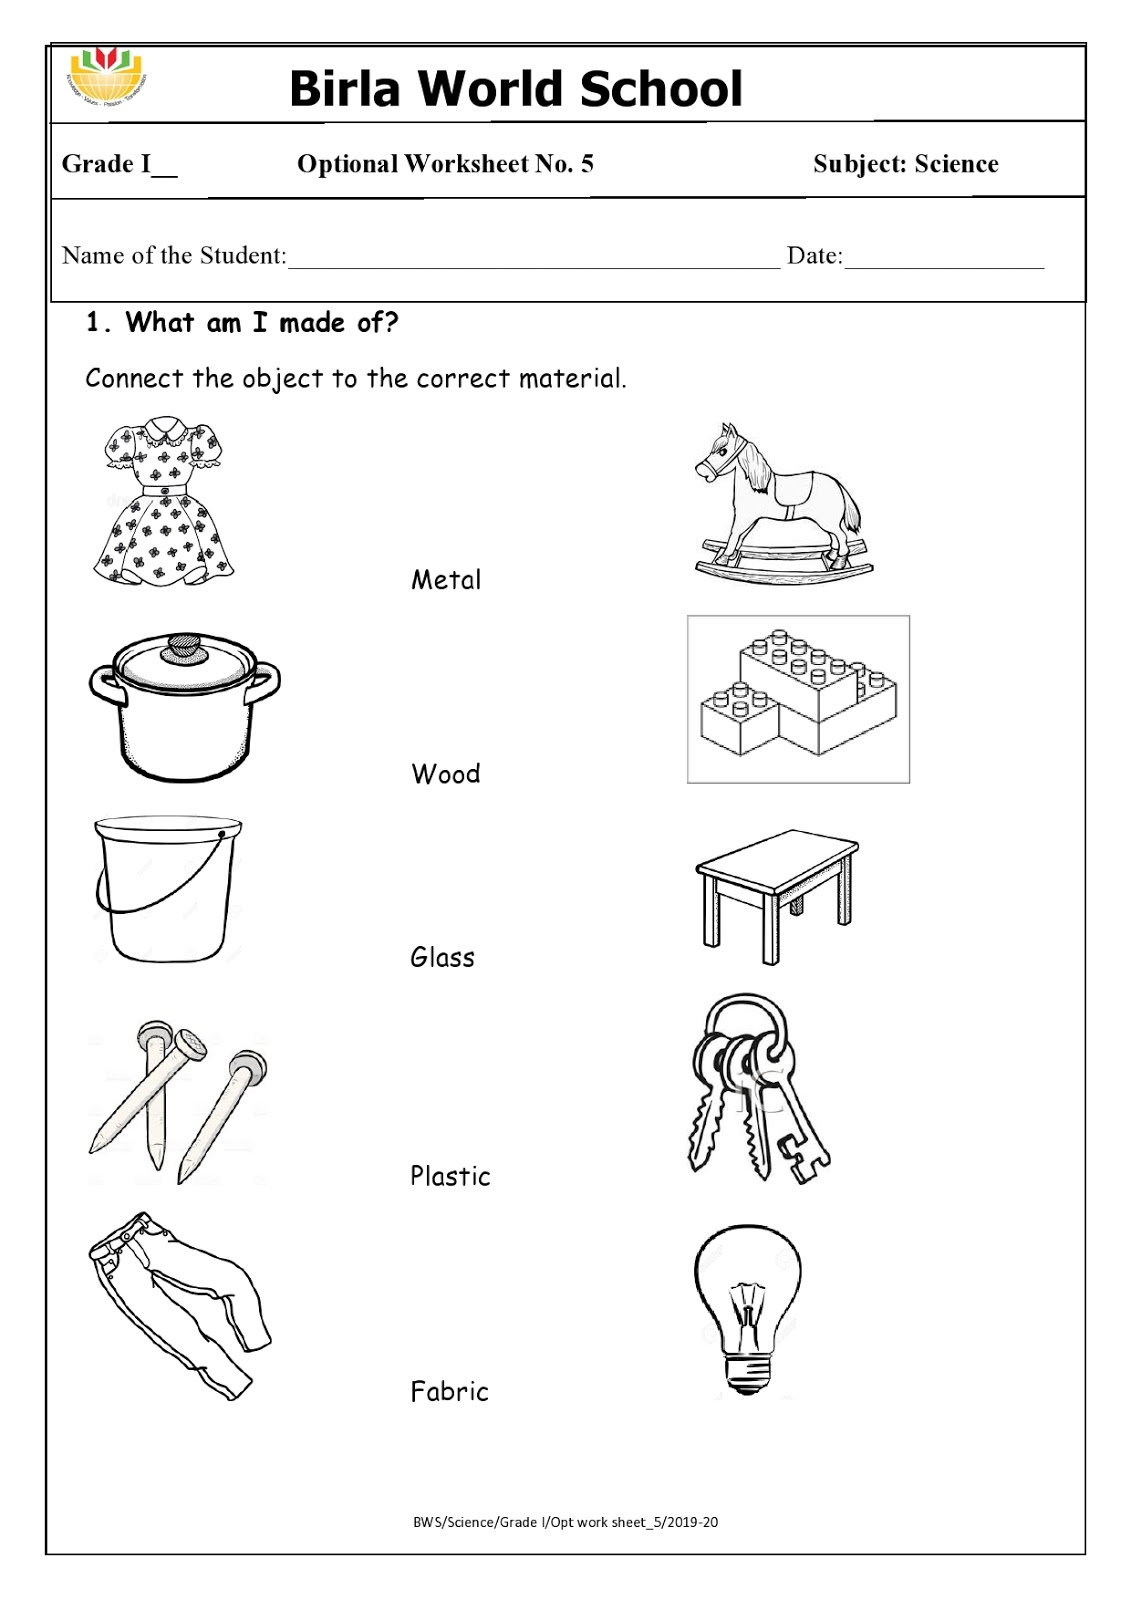 medium resolution of WORLD SCHOOL OMAN: Homework for Grade 1 as on 18-02-2020